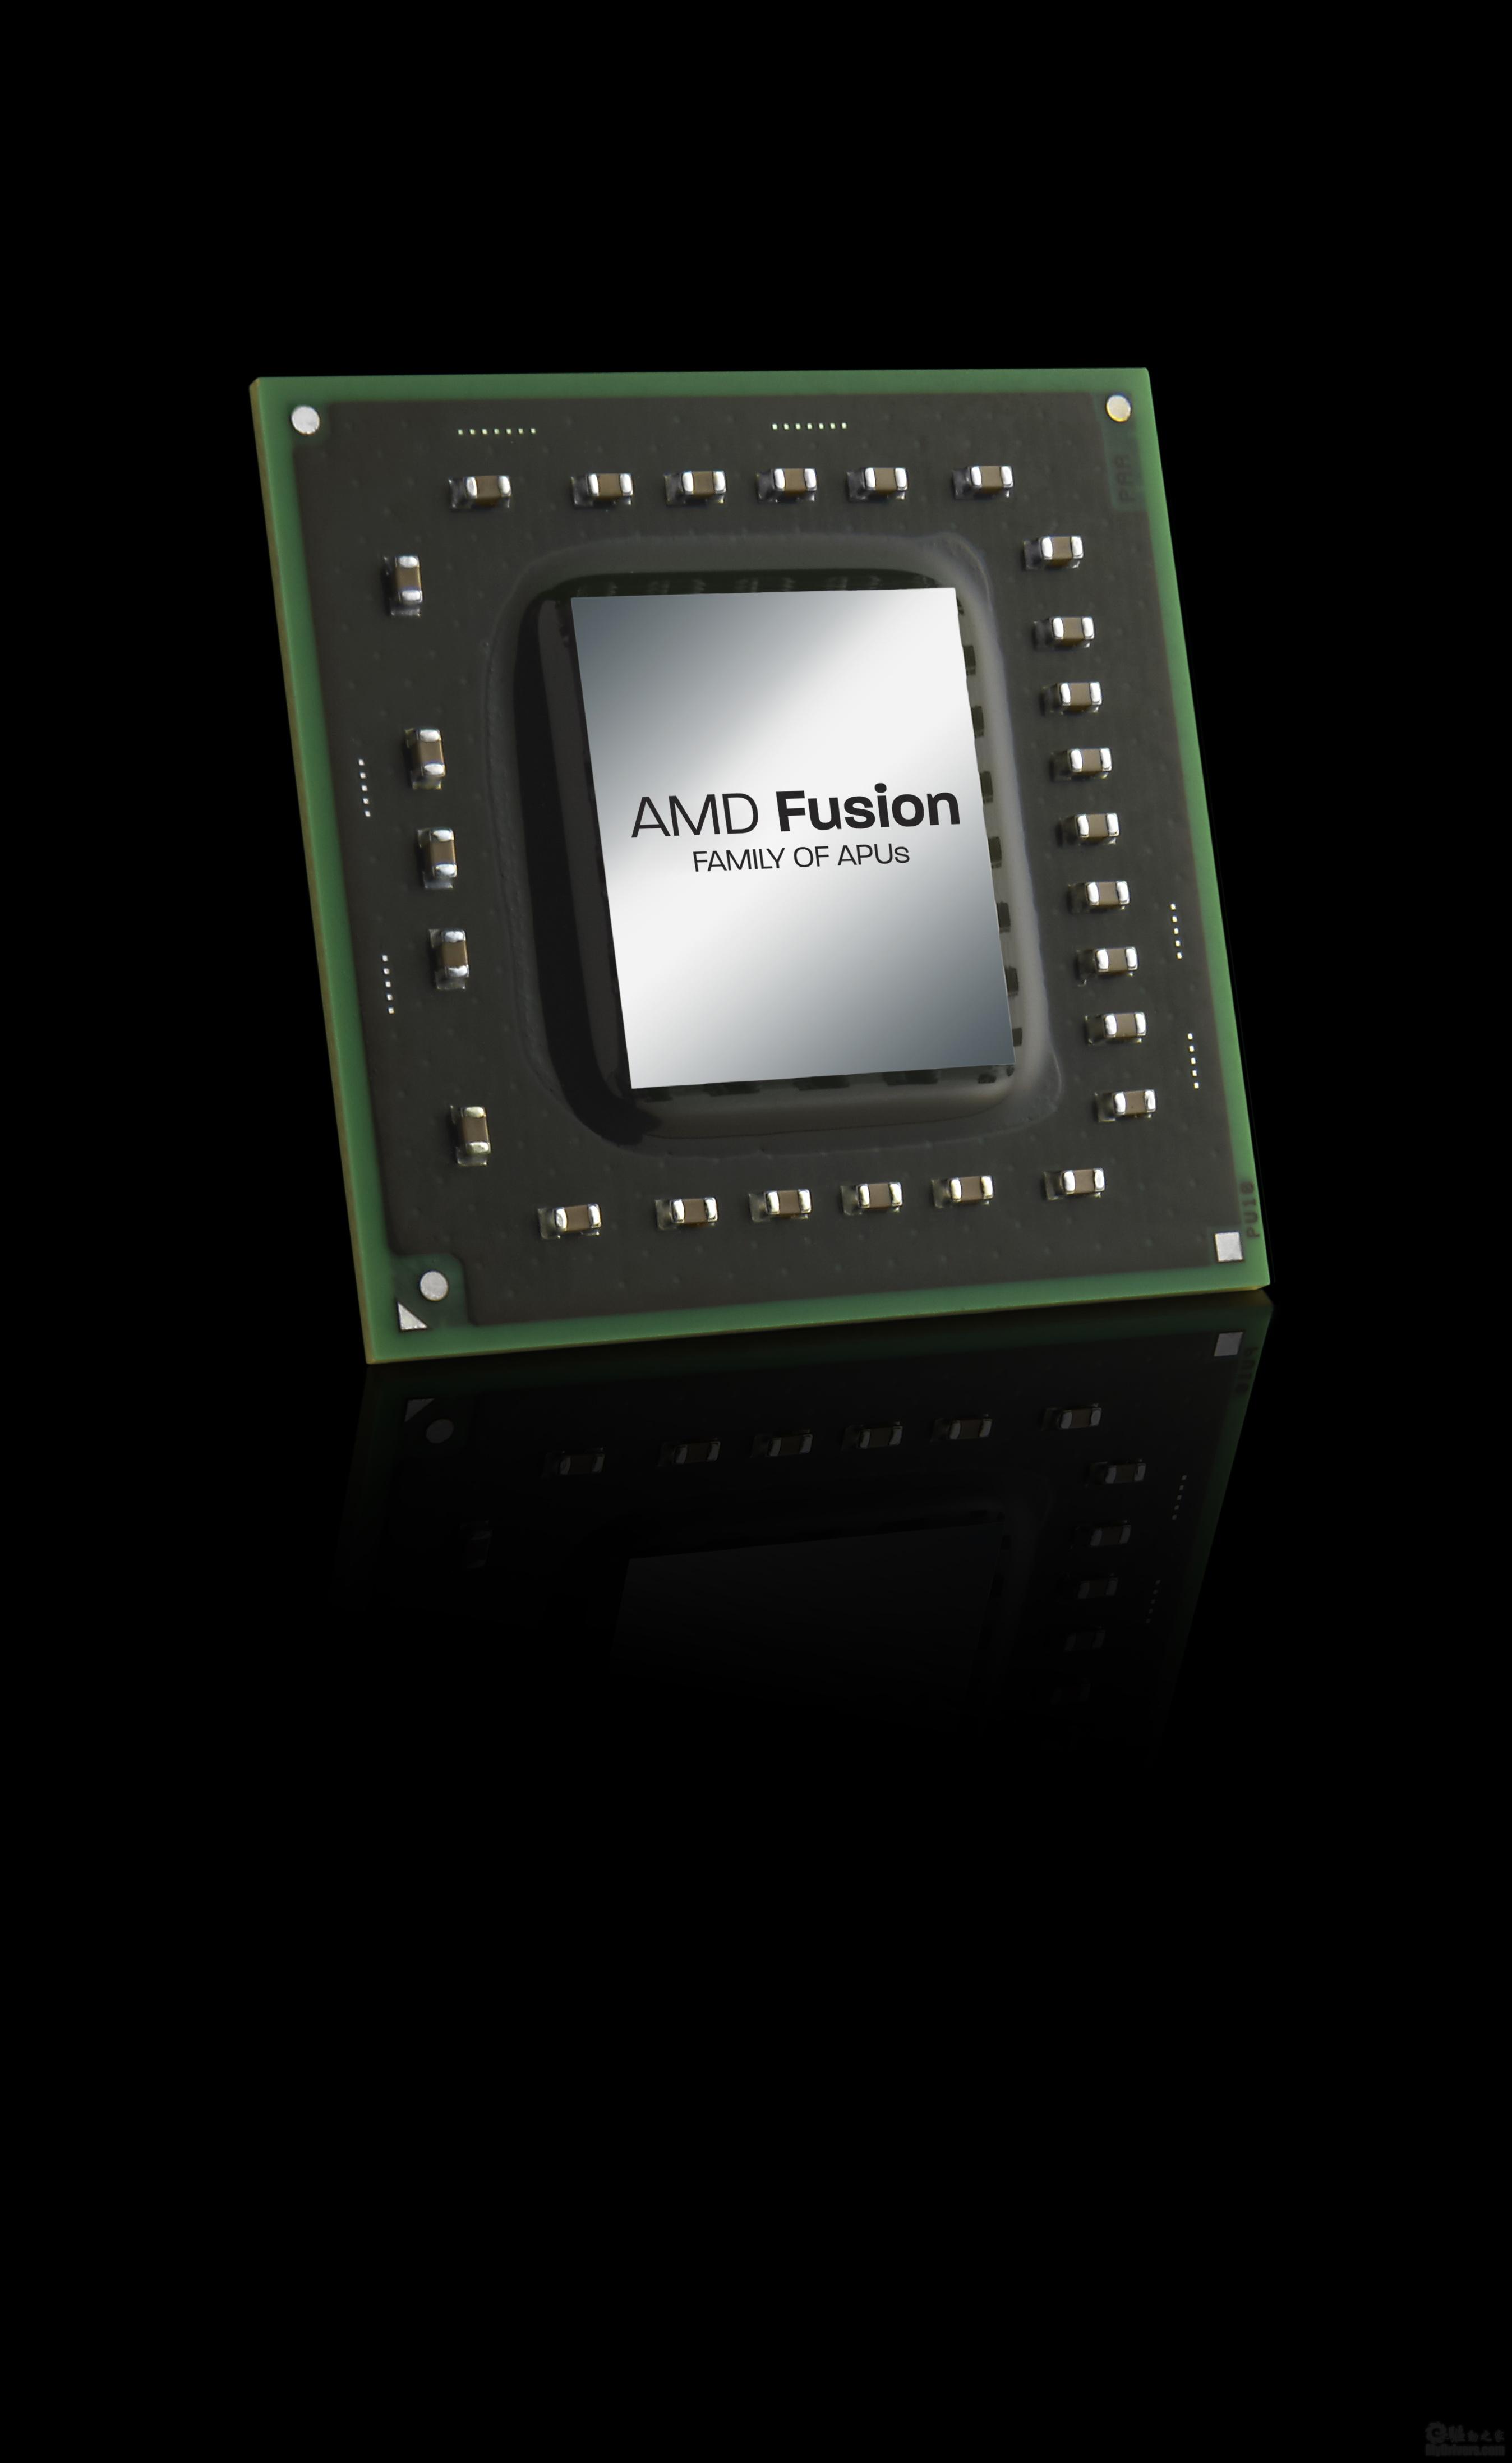 Ati Amd Radeon Hd 6310